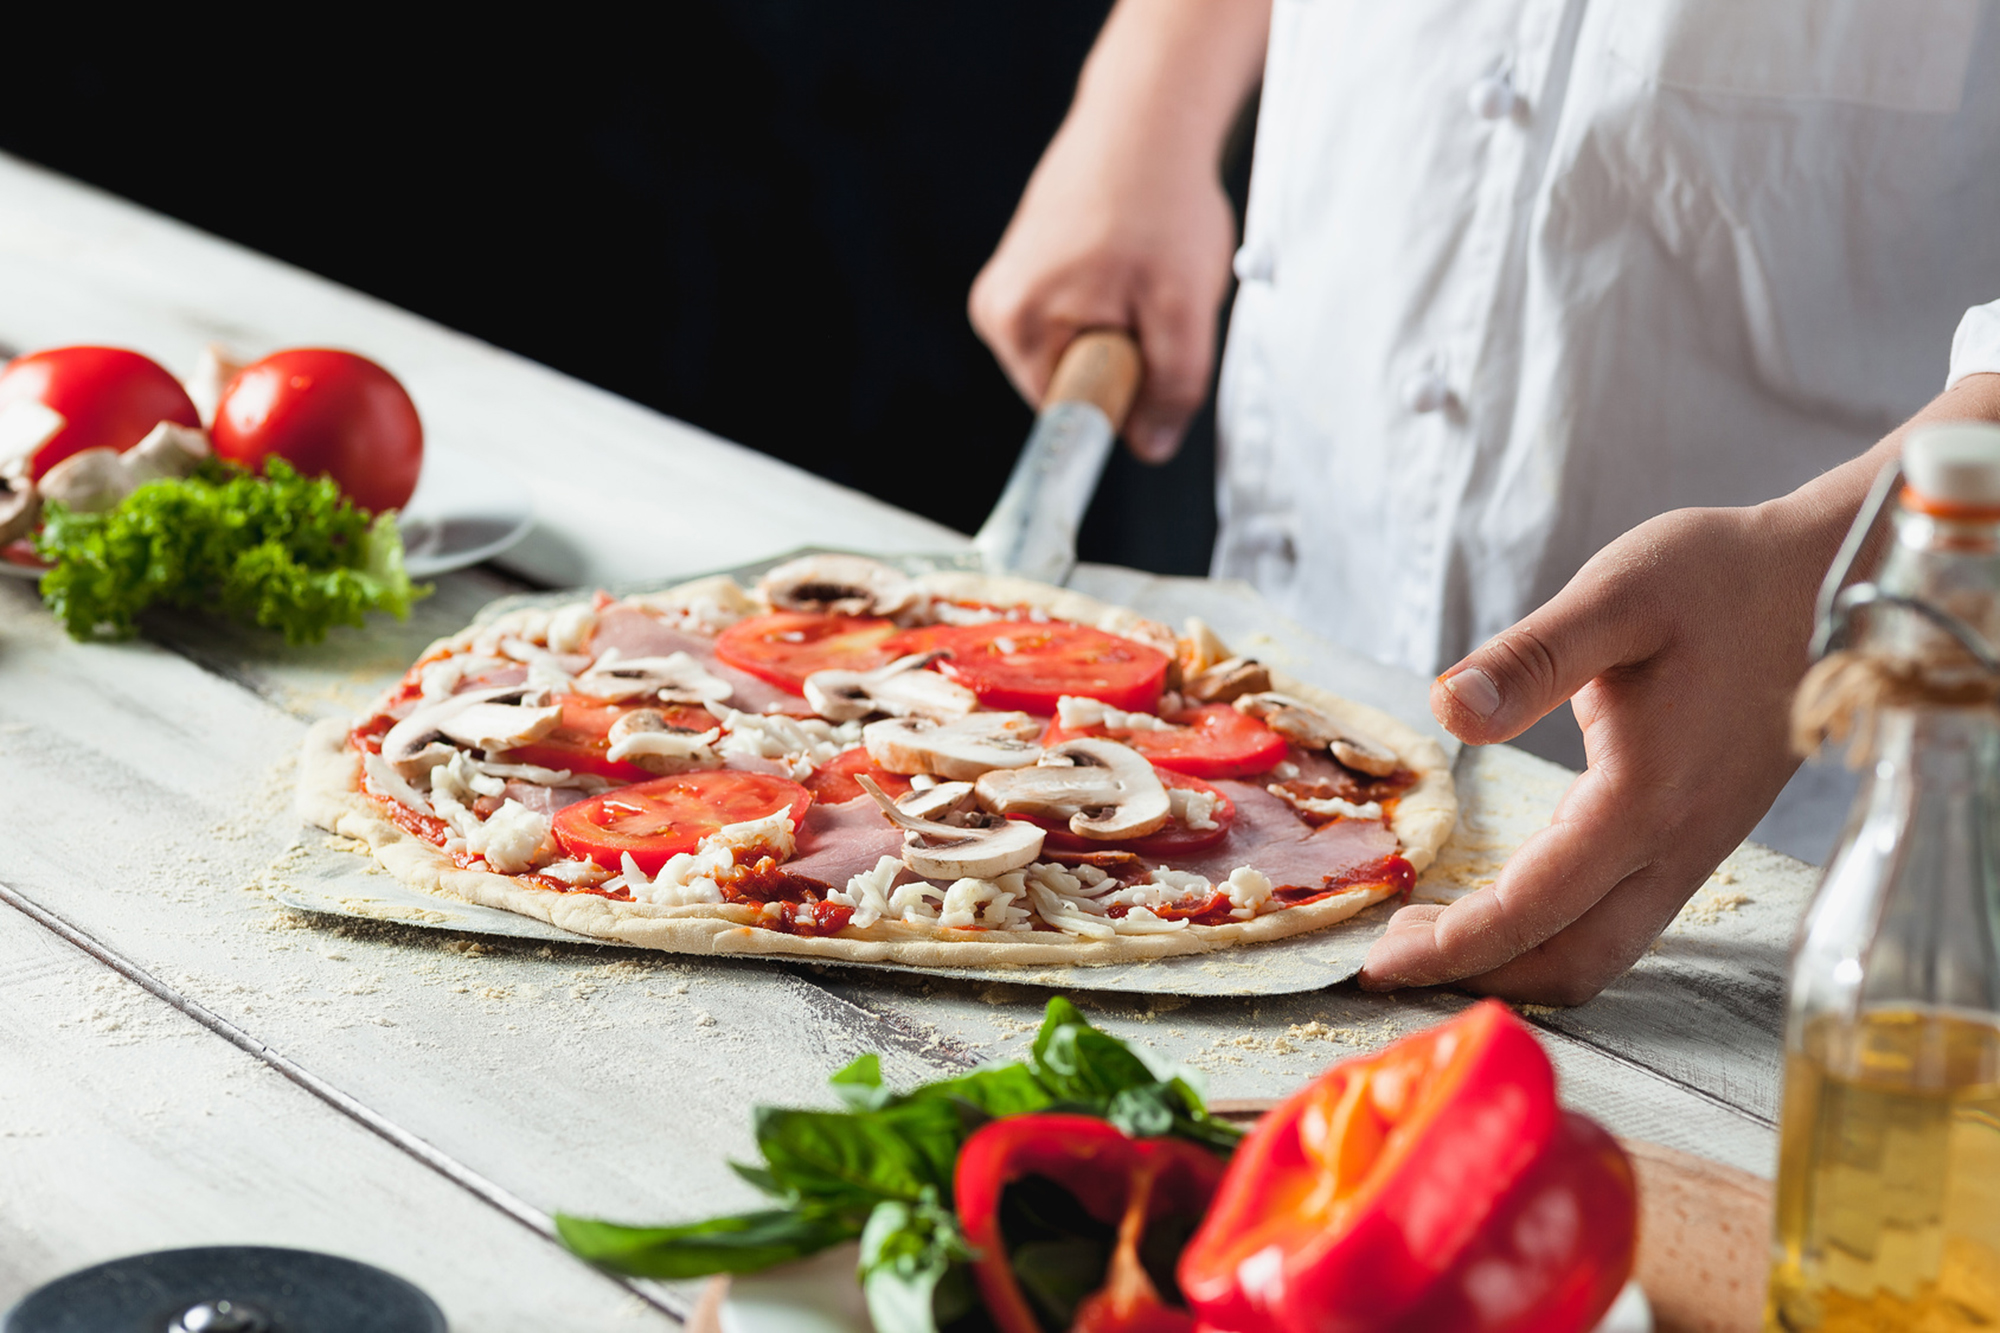 Franquia de pizzaria: 5 motivos para investir já neste negócio